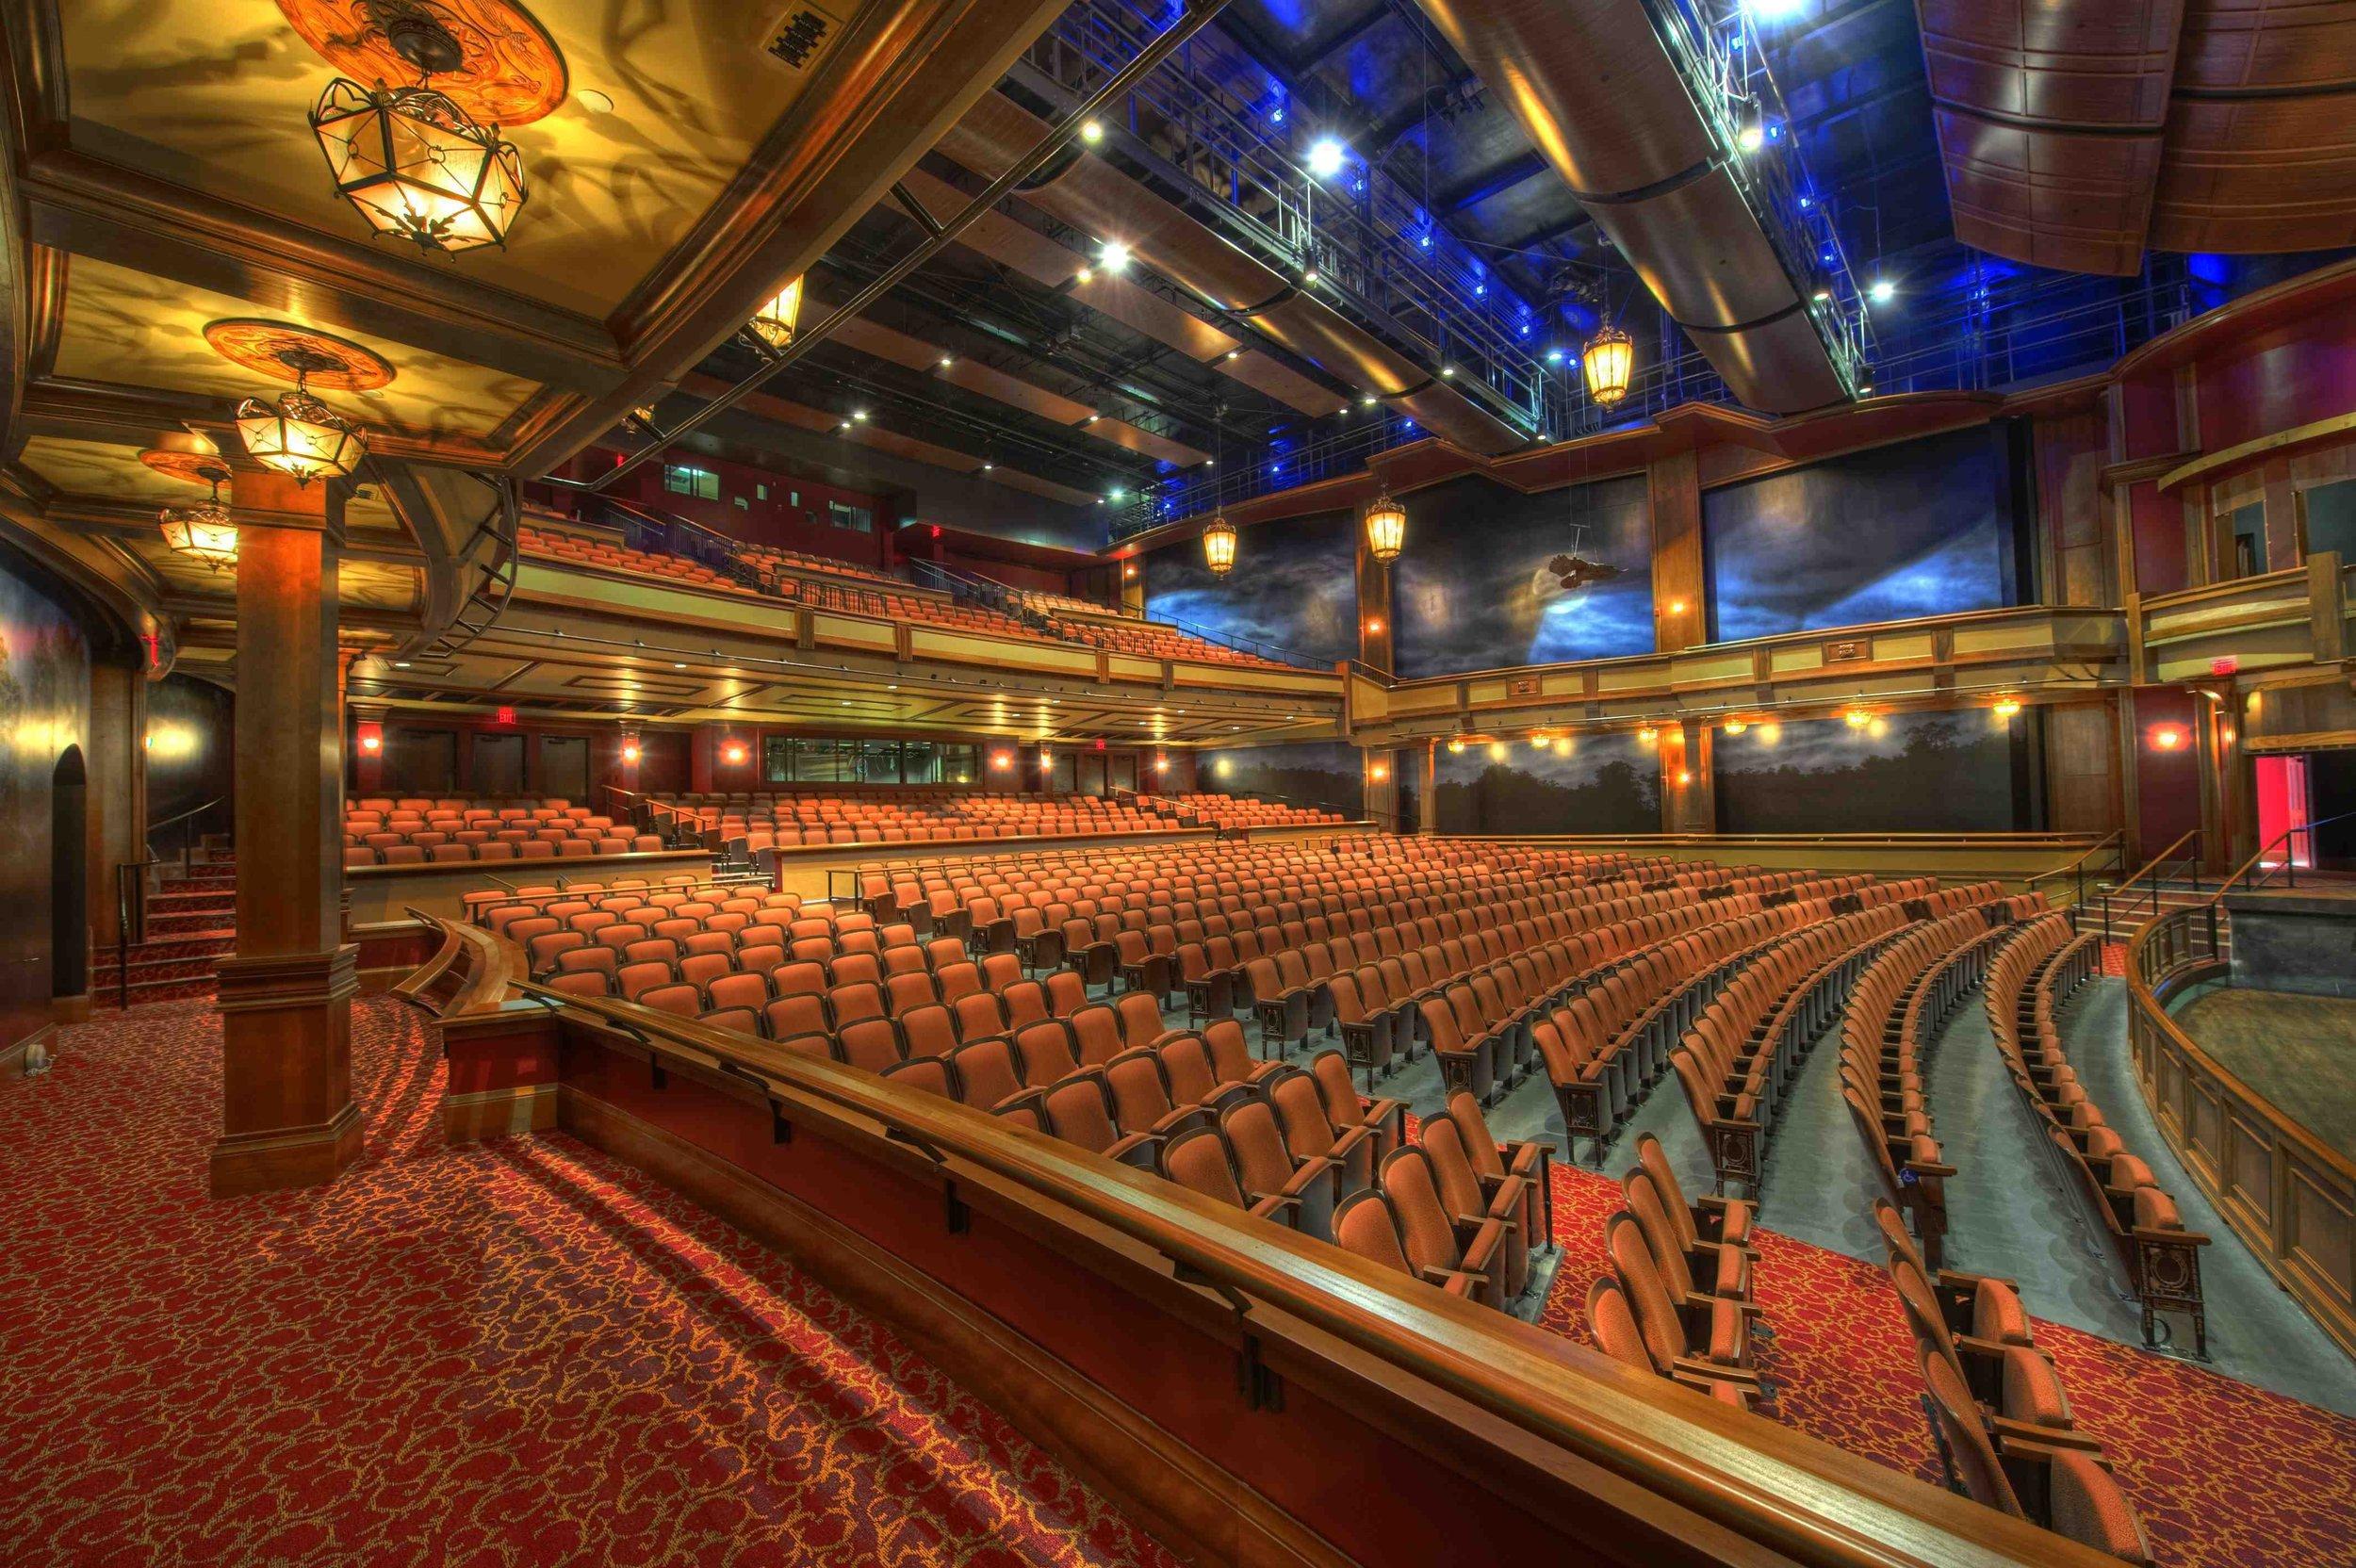 florida-state-university-westcott-building-auditorium-interior-69815.jpg